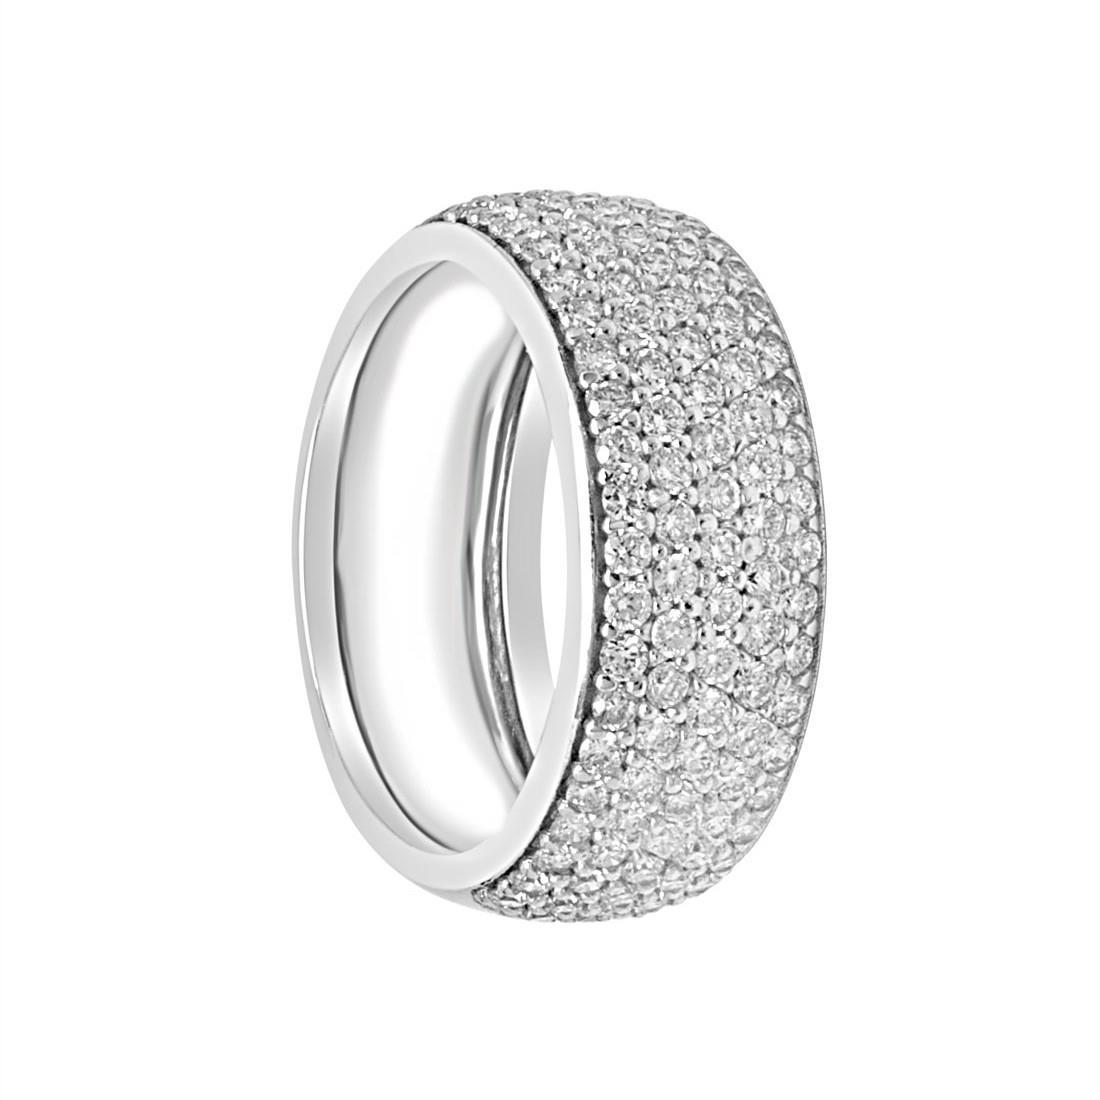 Anello in oro bianco e diamanti ct 1.30 colore G, purezza SI, misura 14 - ALFIERI & ST.JOHN